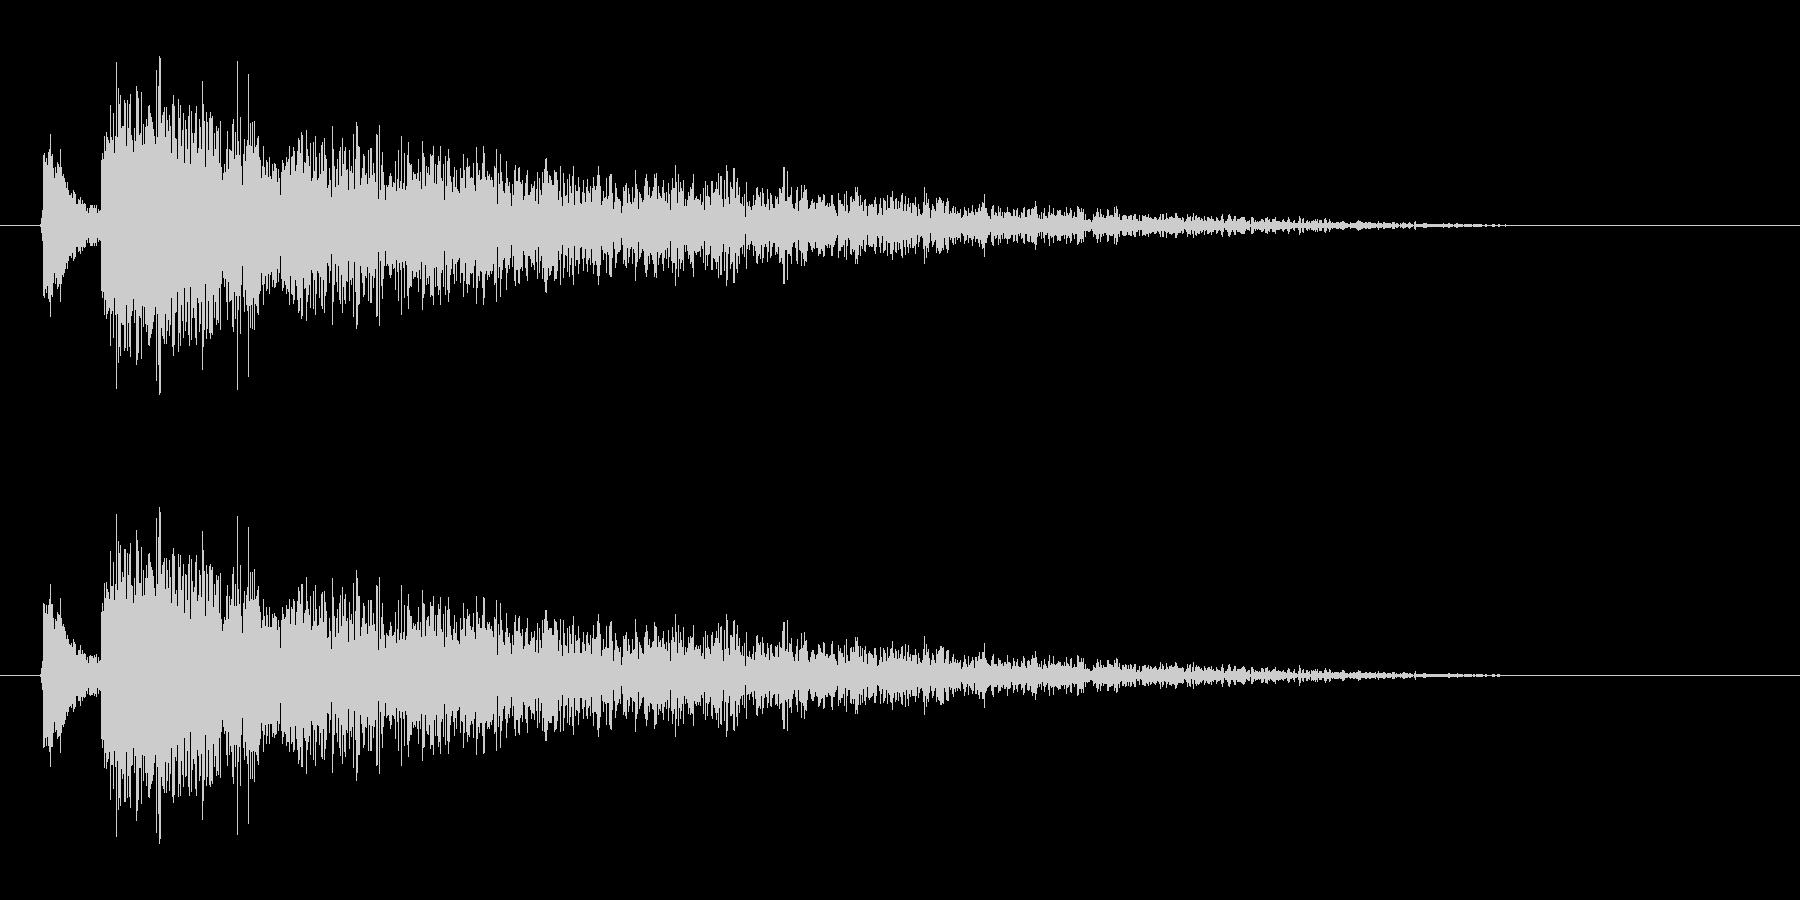 【雷 合成01-3】の未再生の波形